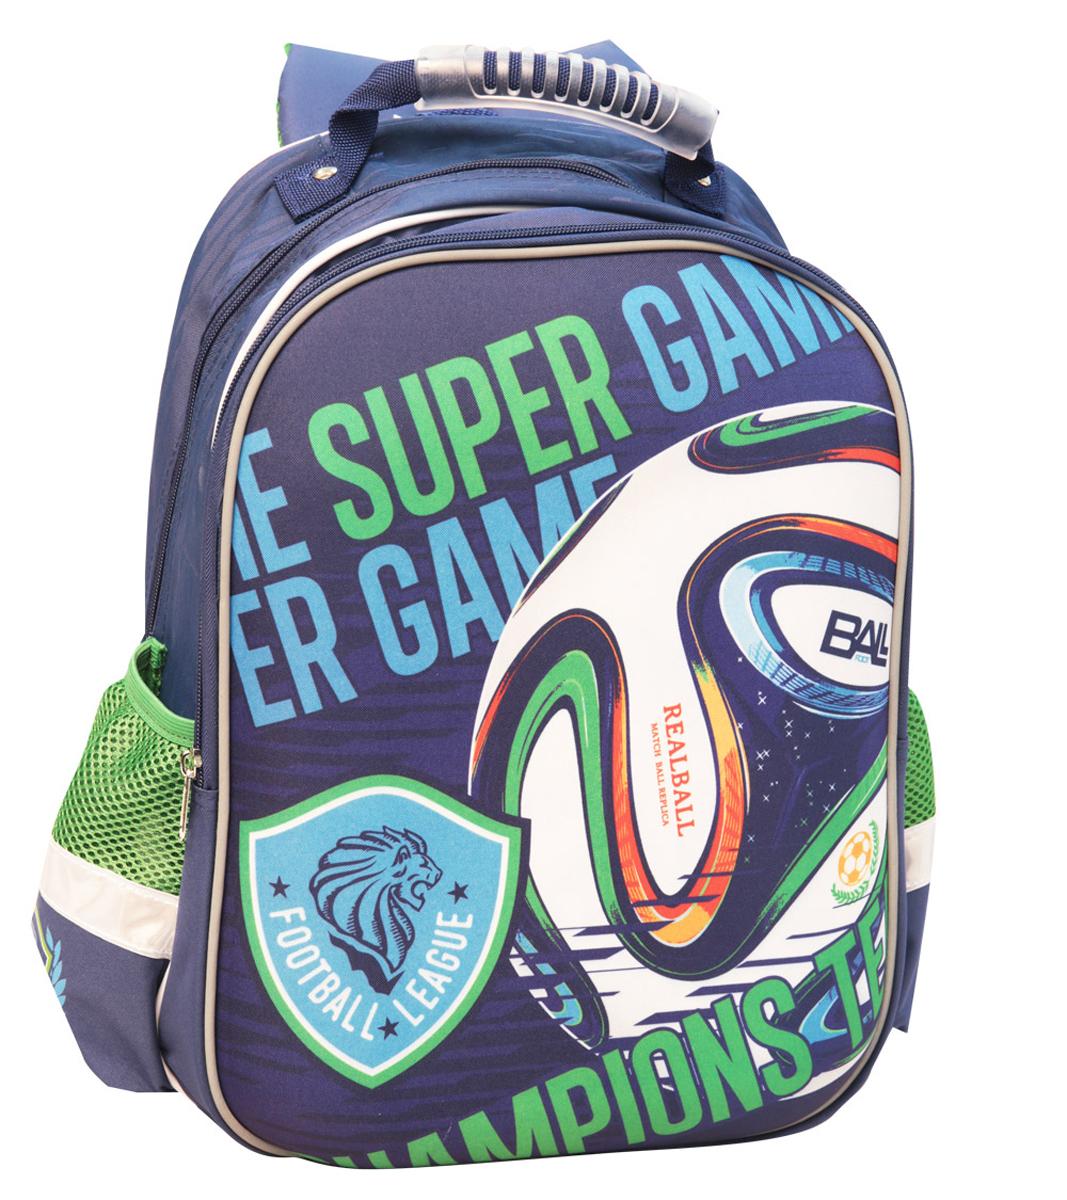 Limpopo Ранец школьный Super bag Футбол limpopo ранец школьный super bag military forces